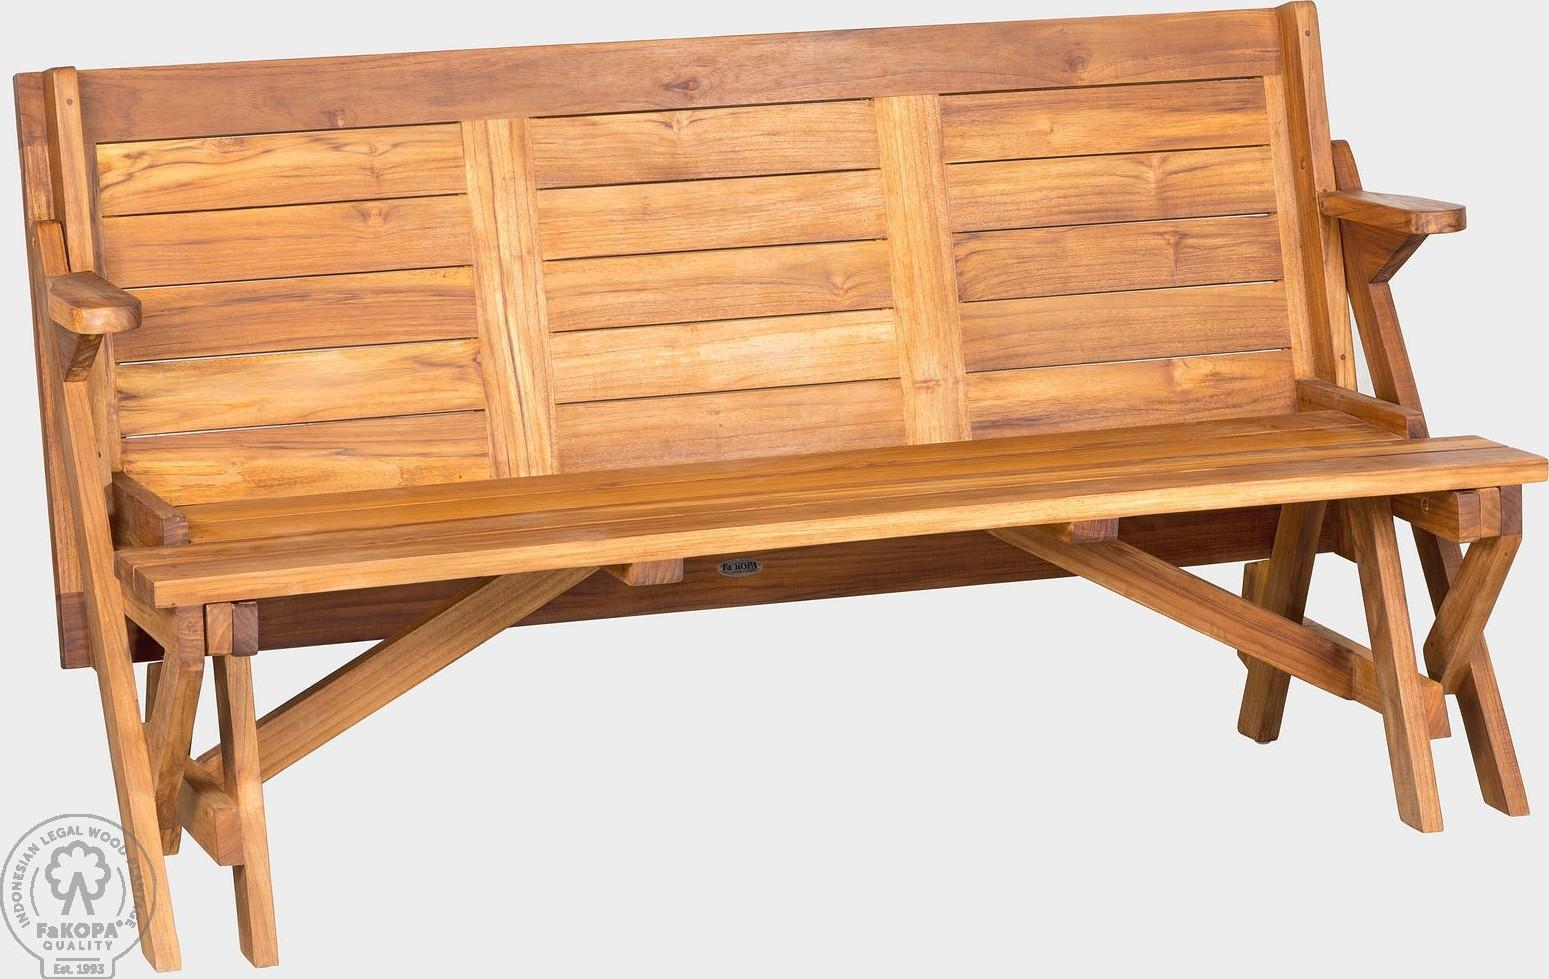 FaKOPA Venkovní rozkládací lavička Uma